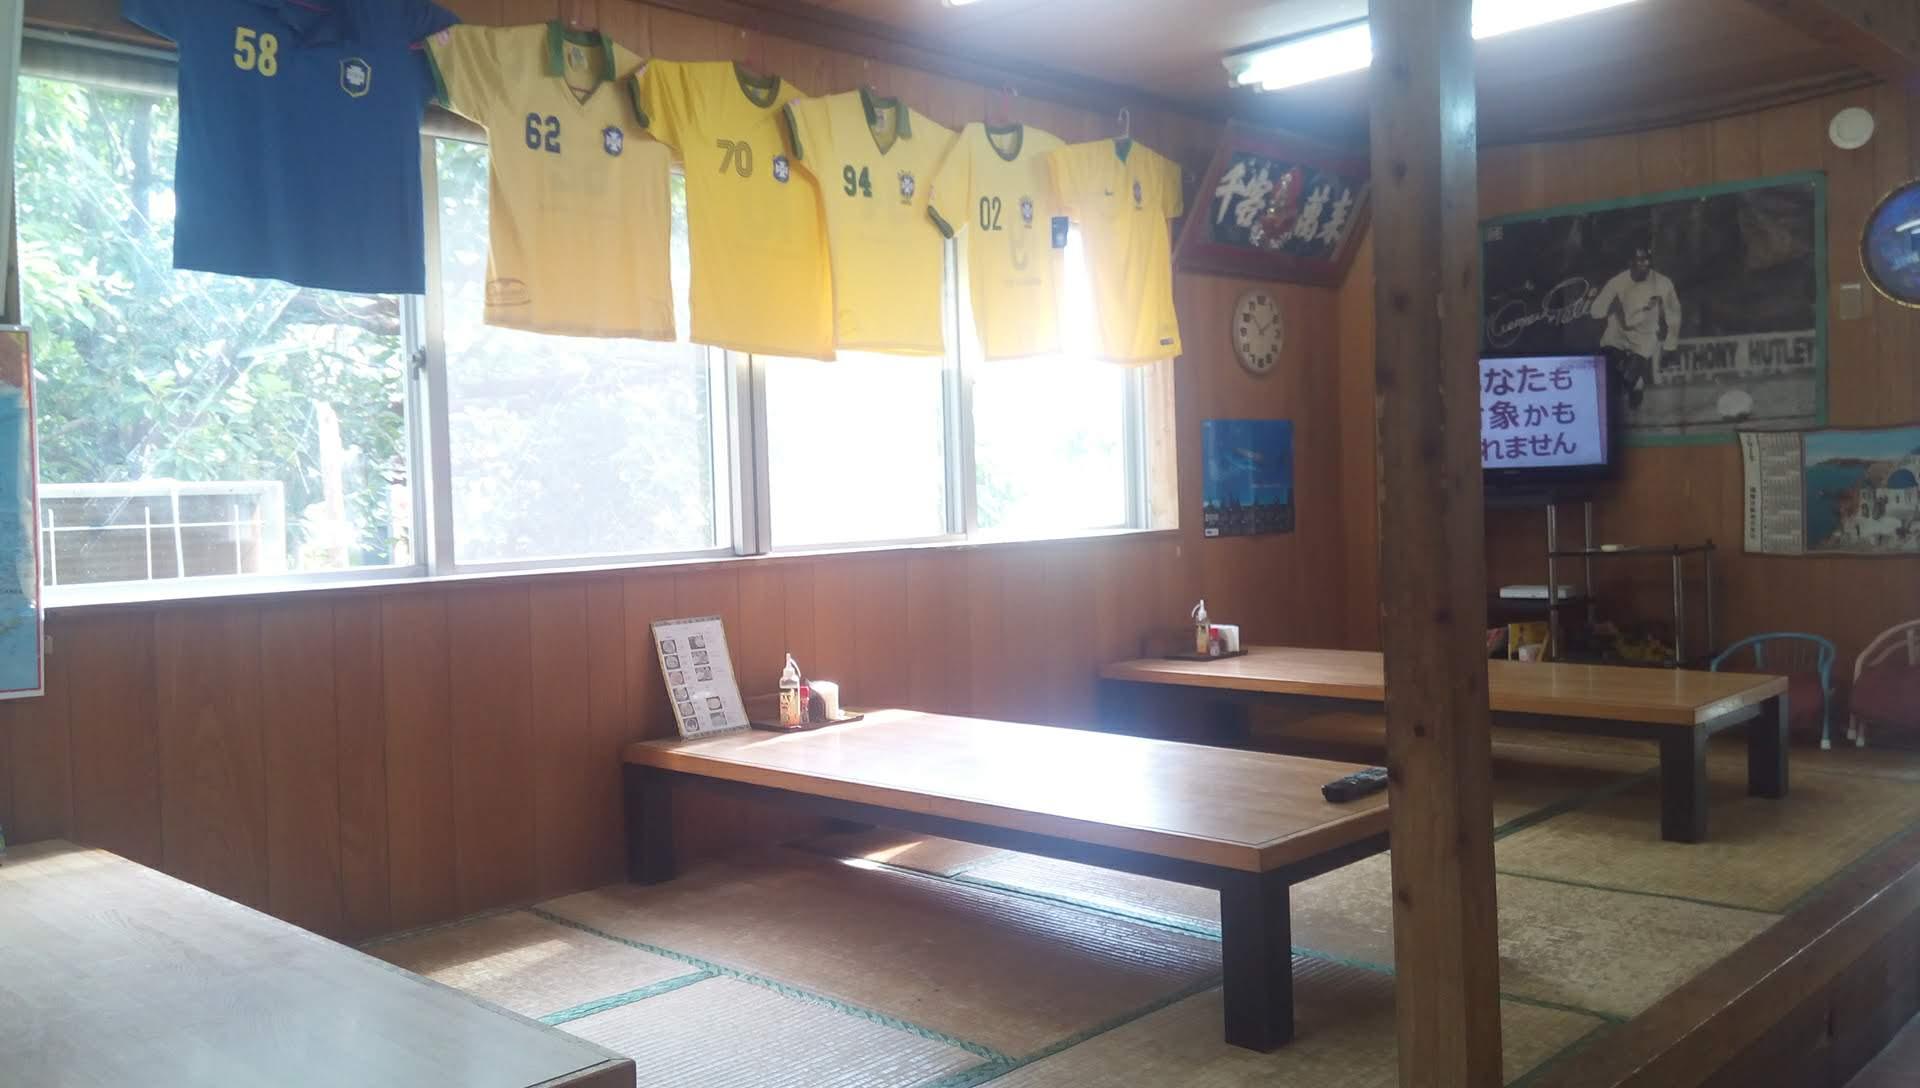 ブラジル食堂の店内写真 1